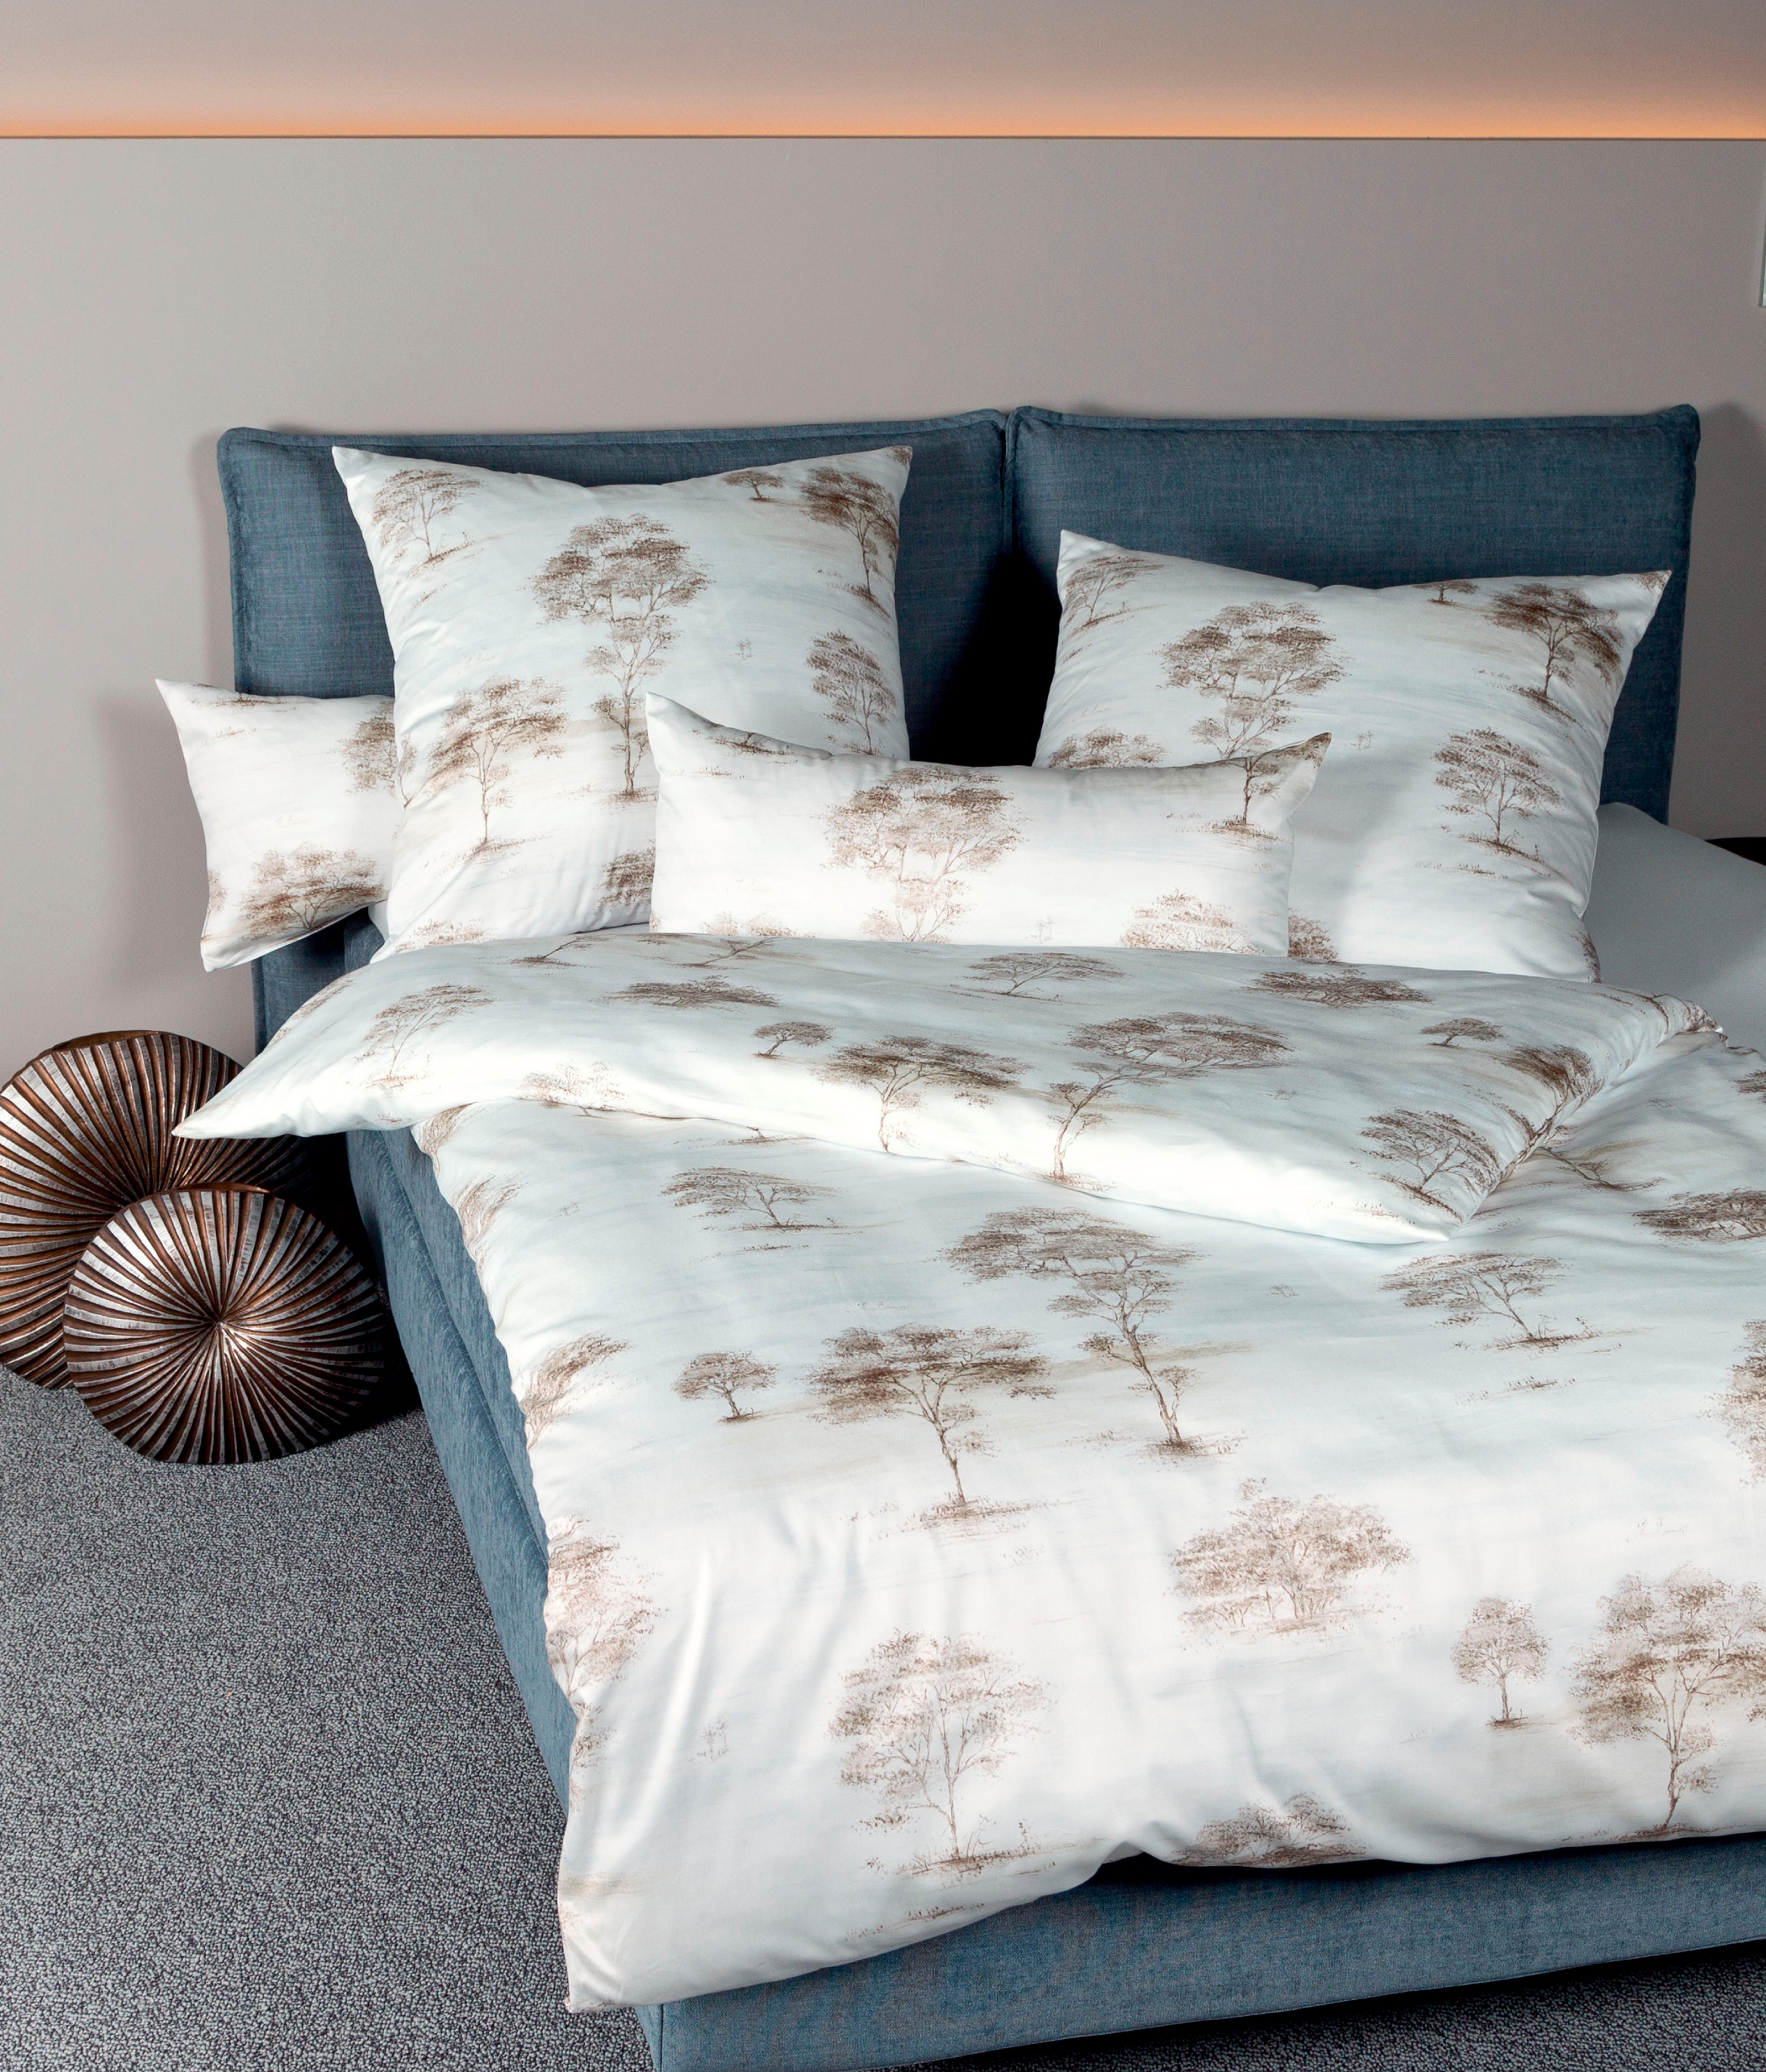 bettw sche gr n preisvergleich die besten angebote online kaufen. Black Bedroom Furniture Sets. Home Design Ideas